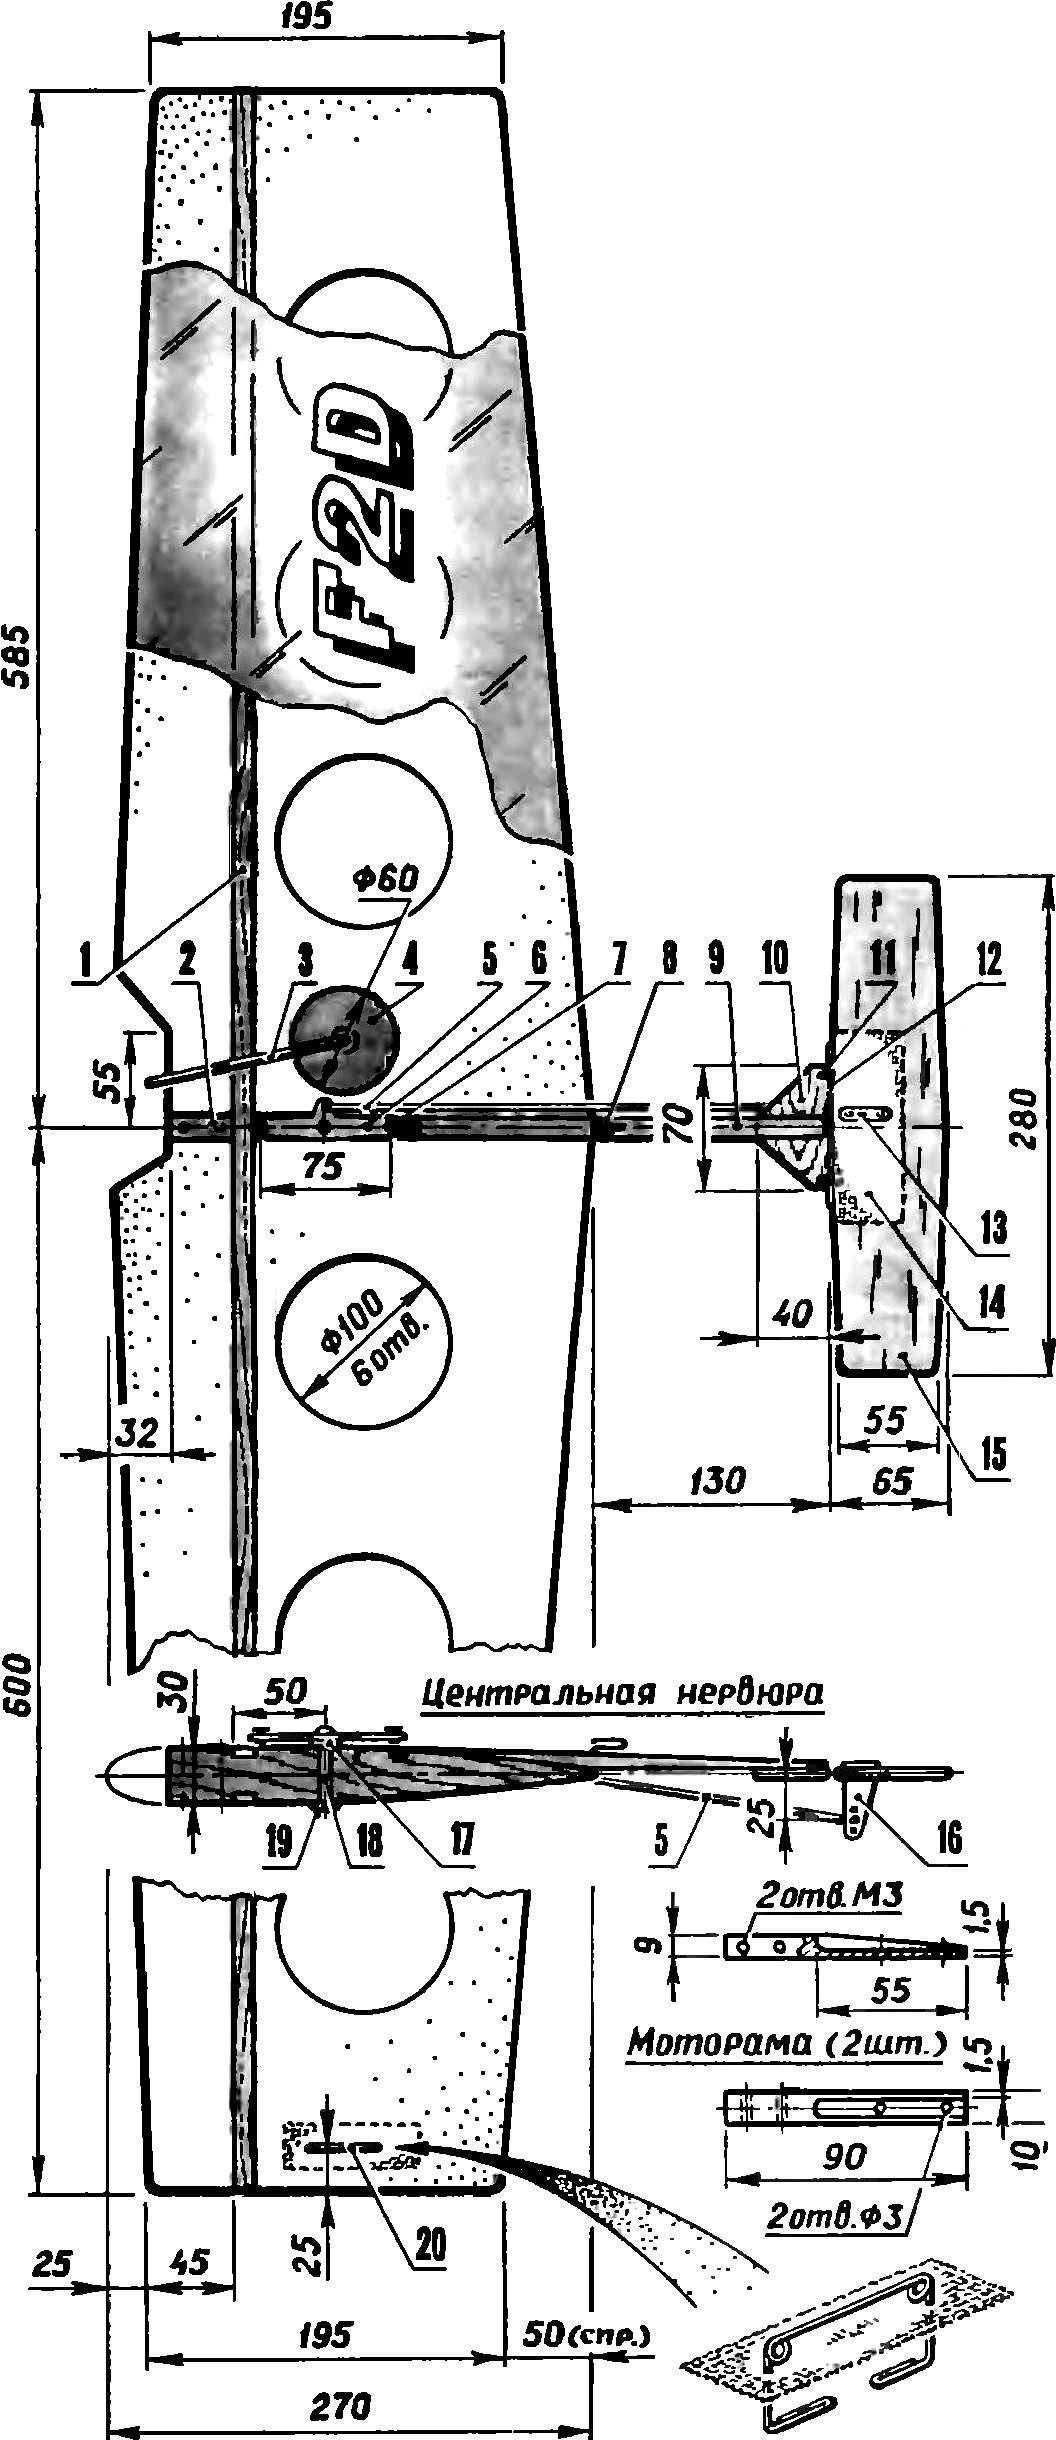 Модель для воздушного боя американского спортсмена Д. Стаблфилда.